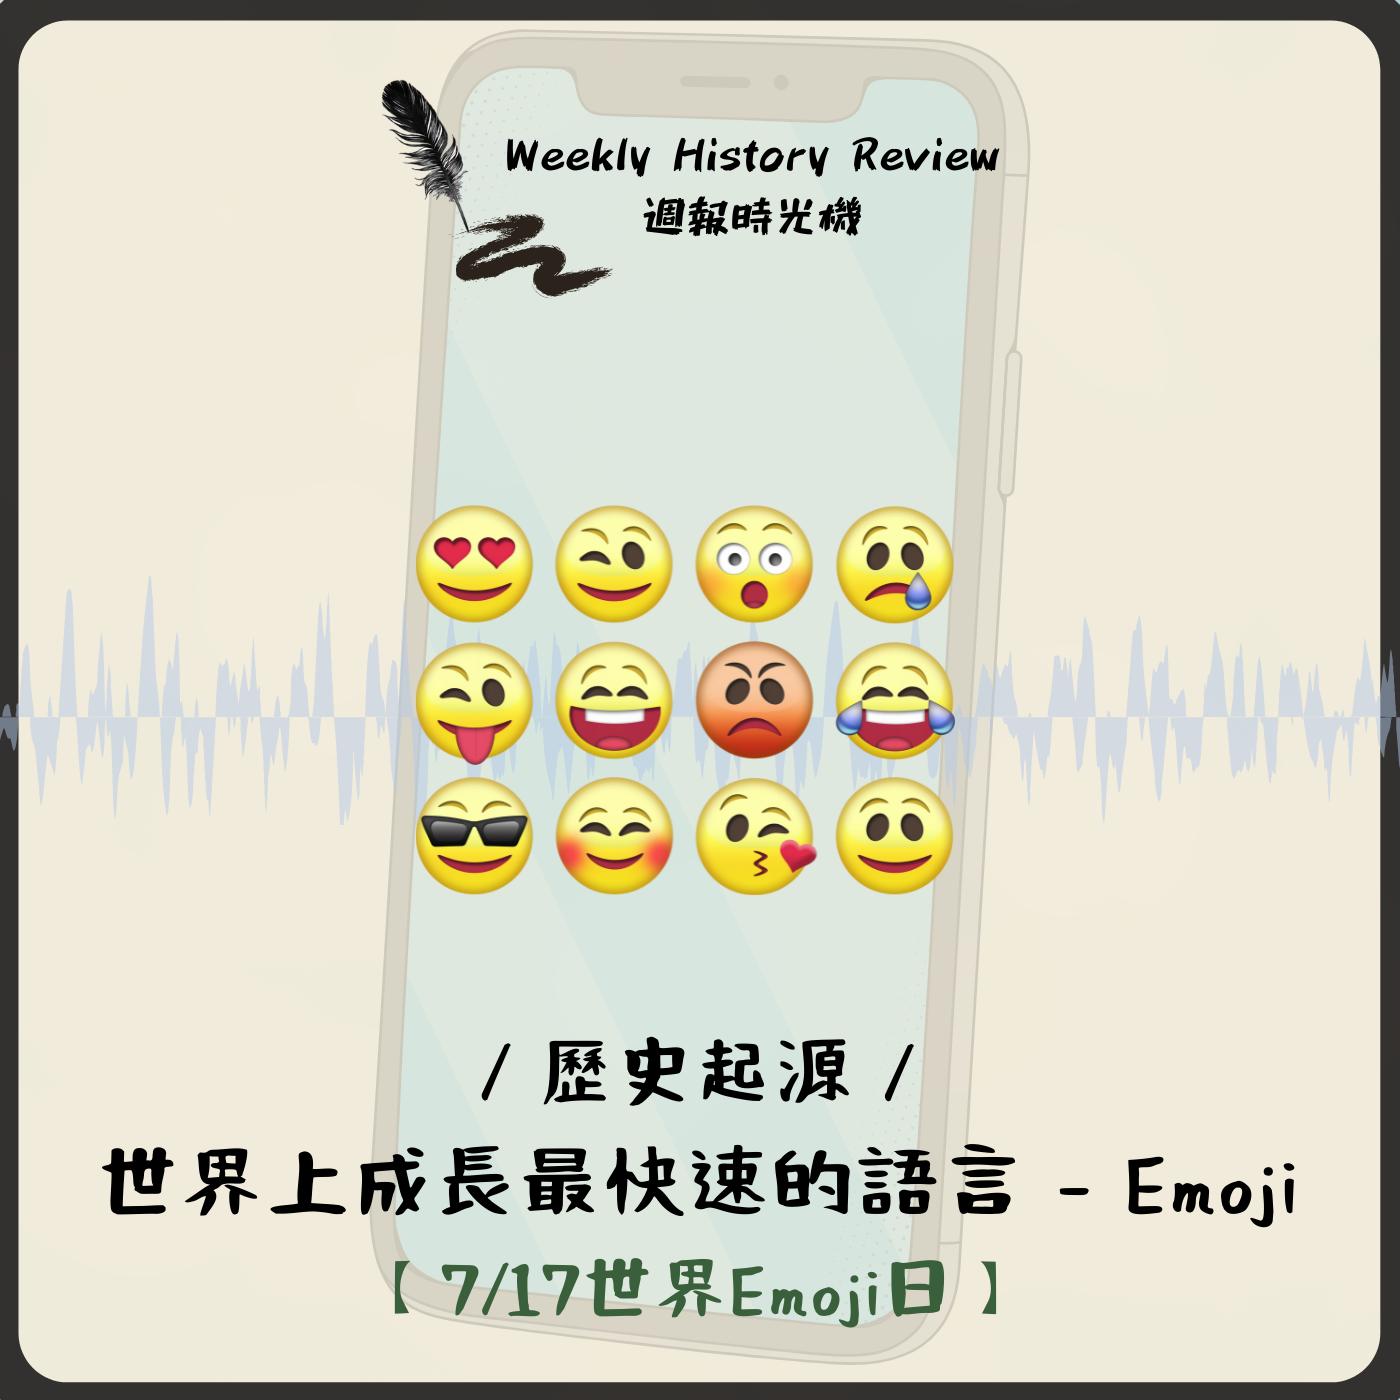 世界上成長最快速的語言?!世界Emoji日 / 歷史起源 / S3EP3